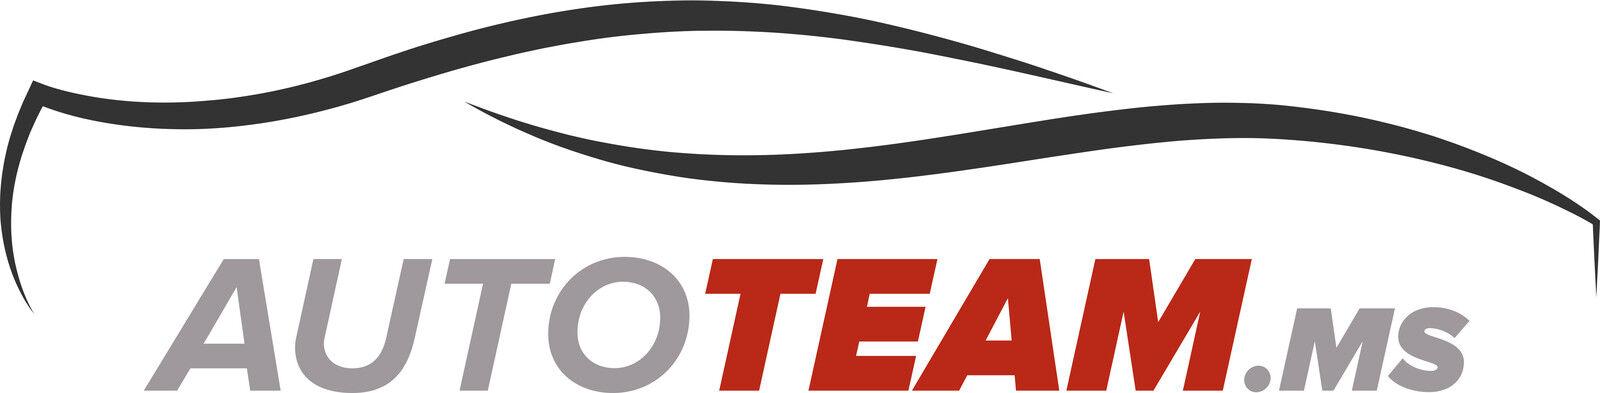 AutoTeam.MS Shop